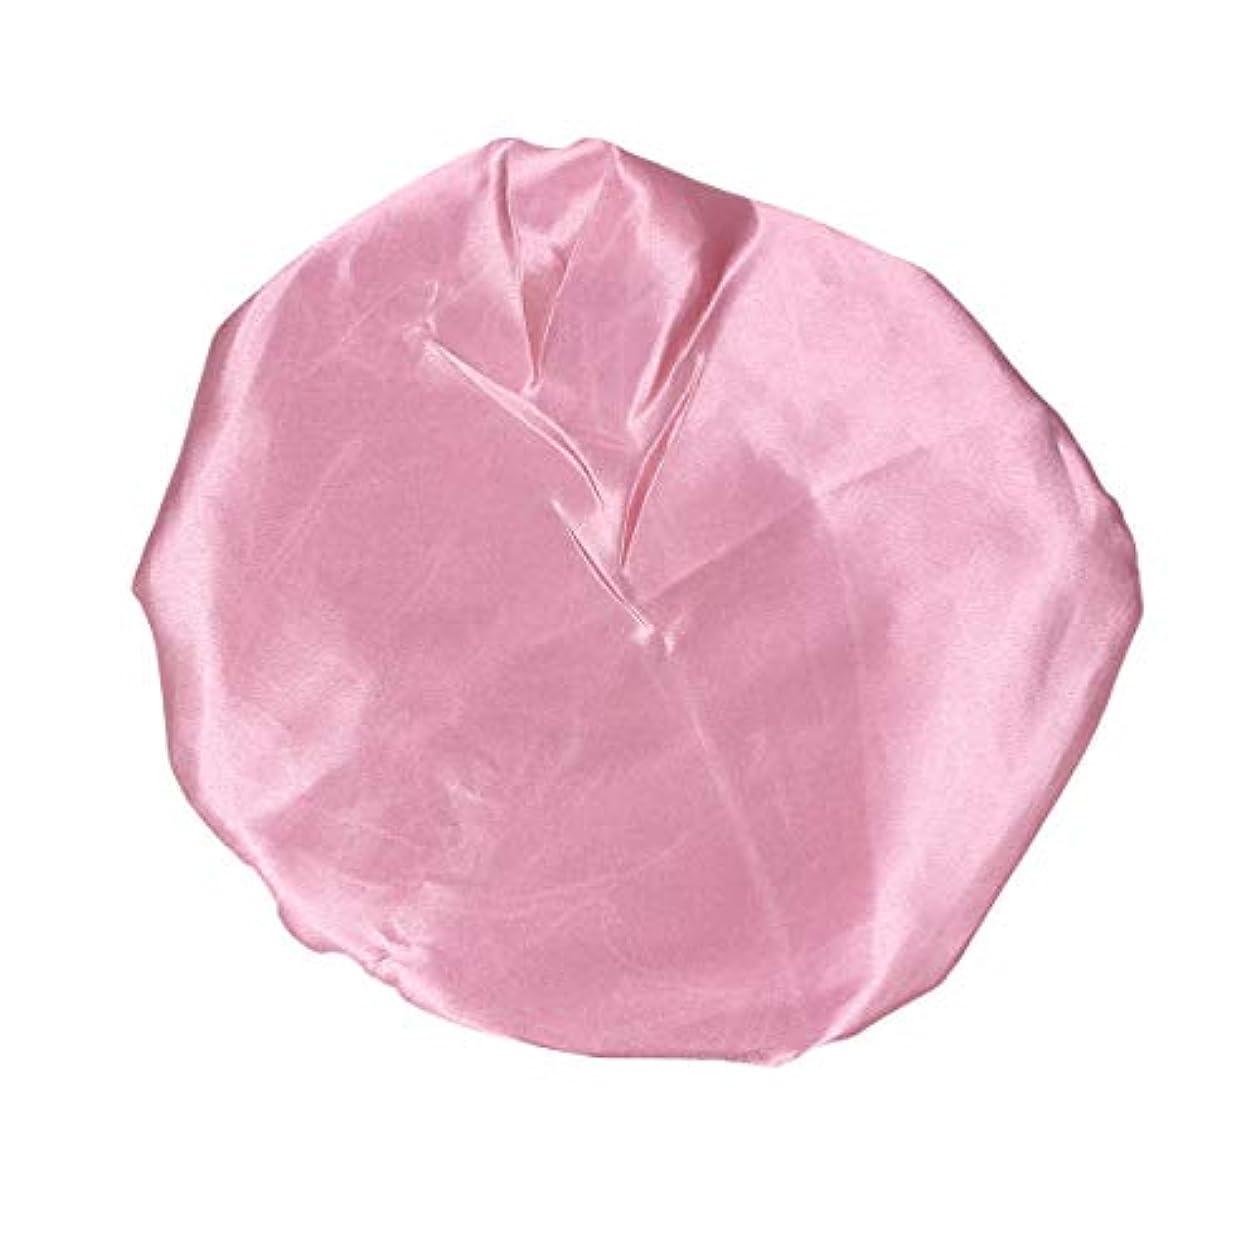 噴火常識対処するAmosfun ピンクの女性のための防水弾性シャワーキャップ厚くされた二重層バス帽子